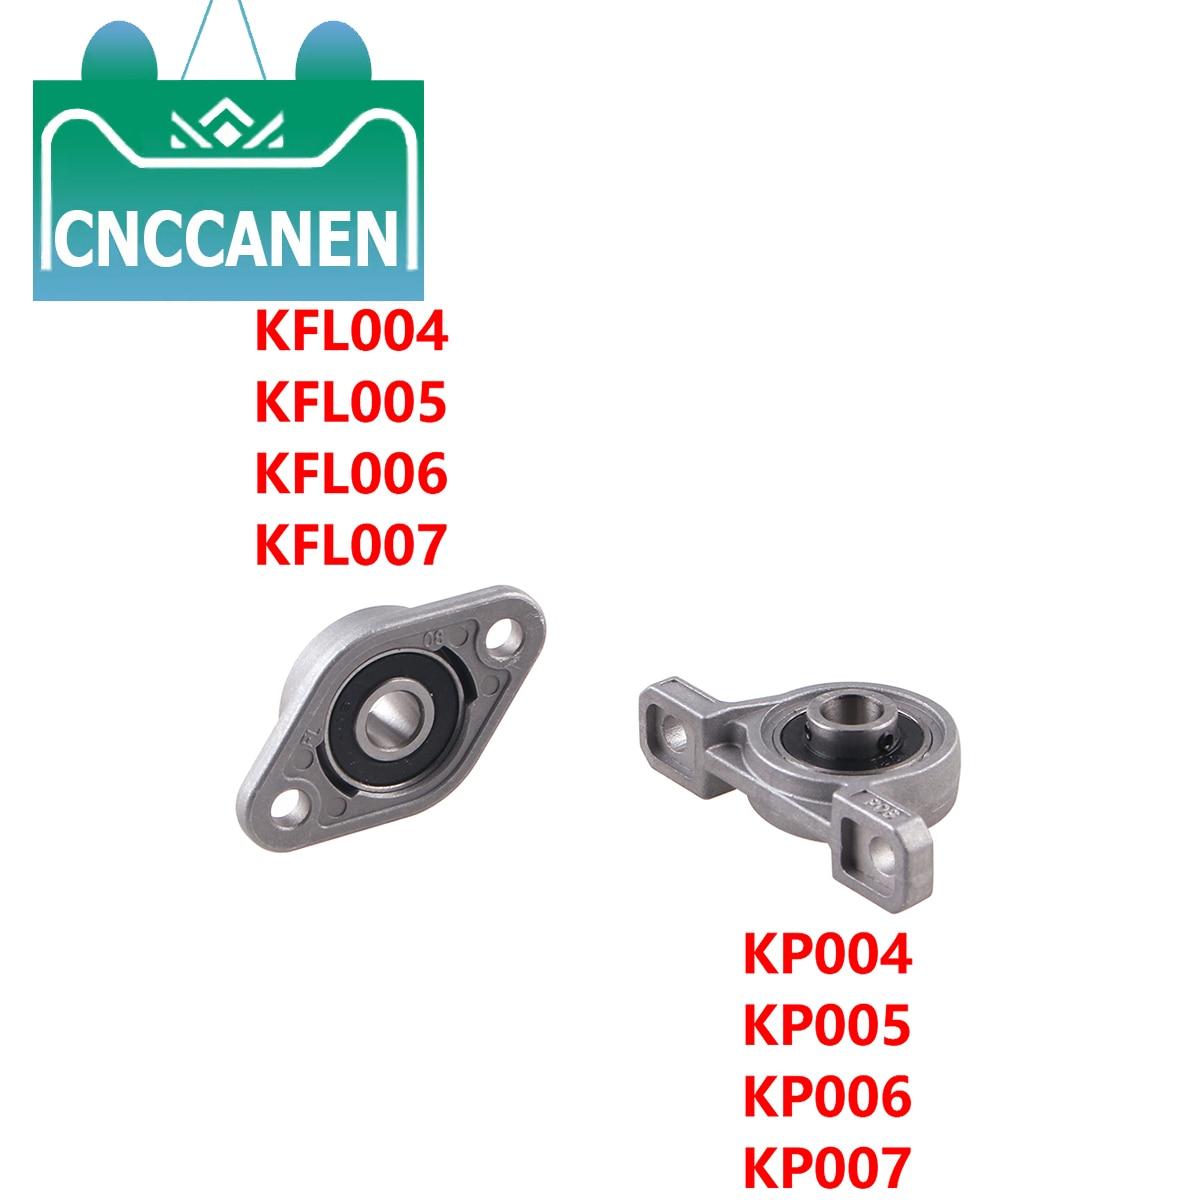 Montaje del cojinete Vertical Horizontal soporte cojinete de almohada cojinete de bloque KP004/005/006/007 KFL004/005/006/007 piezas de impresora CNC